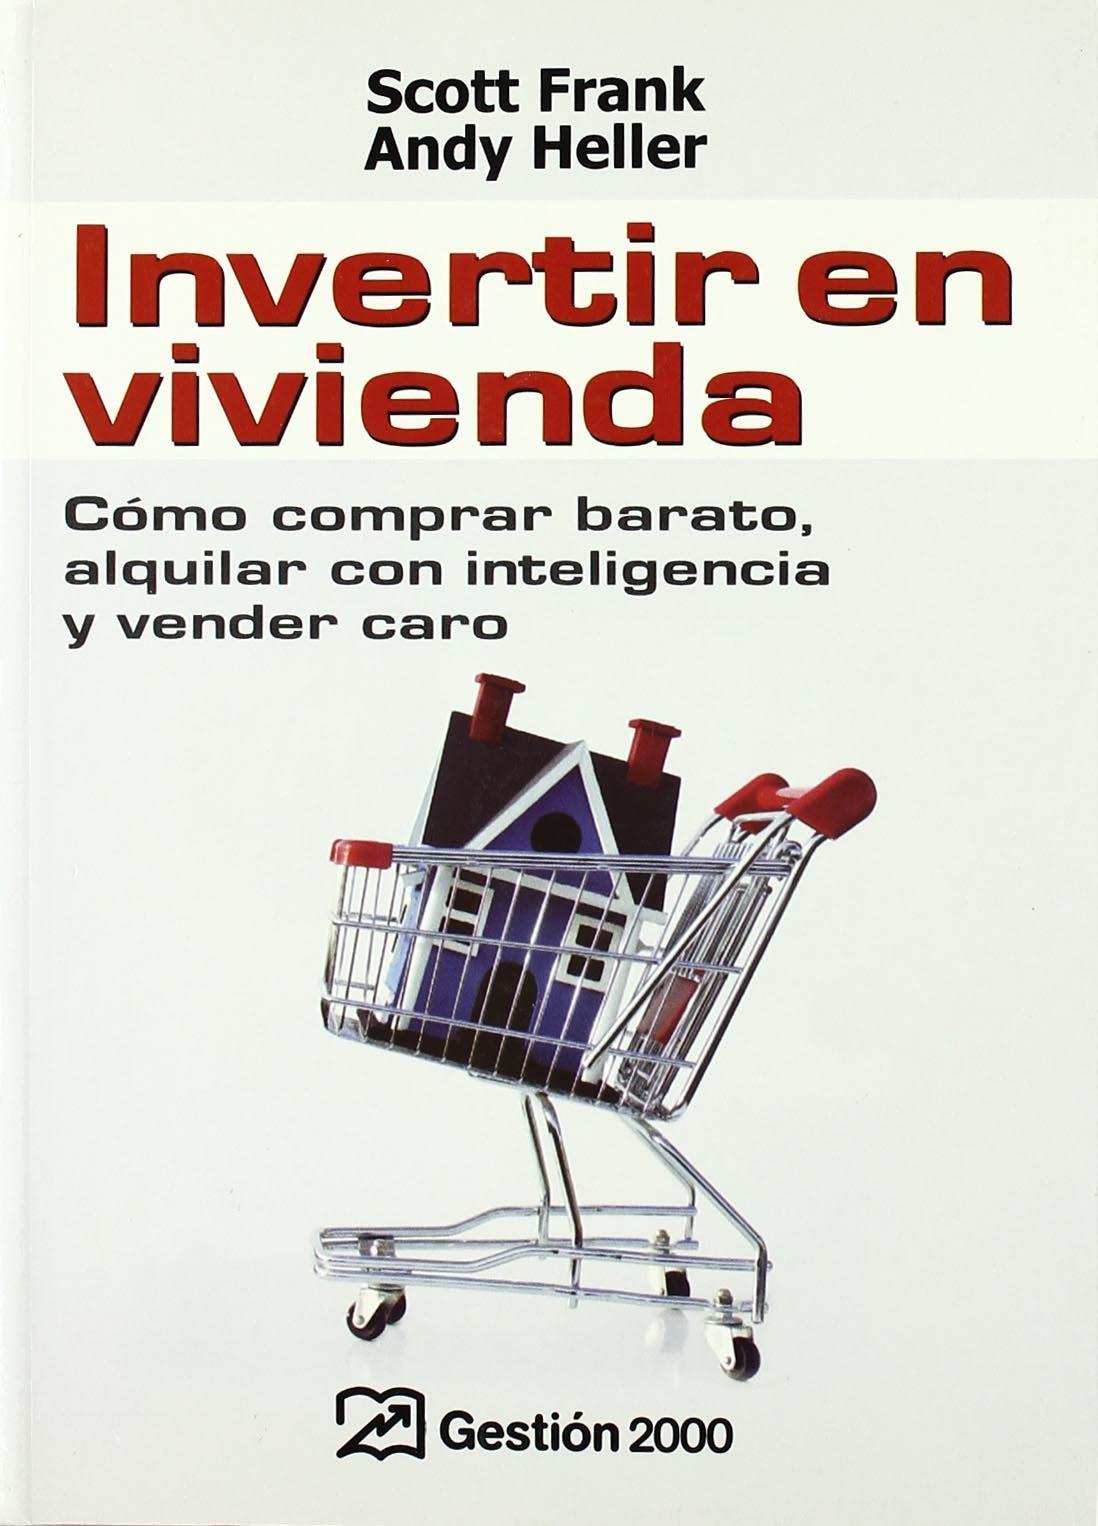 Invertir en vivienda: Cómo comprar barato, alquilar con inteligencia y vender caro: Amazon.es: ANdy Heller: Libros